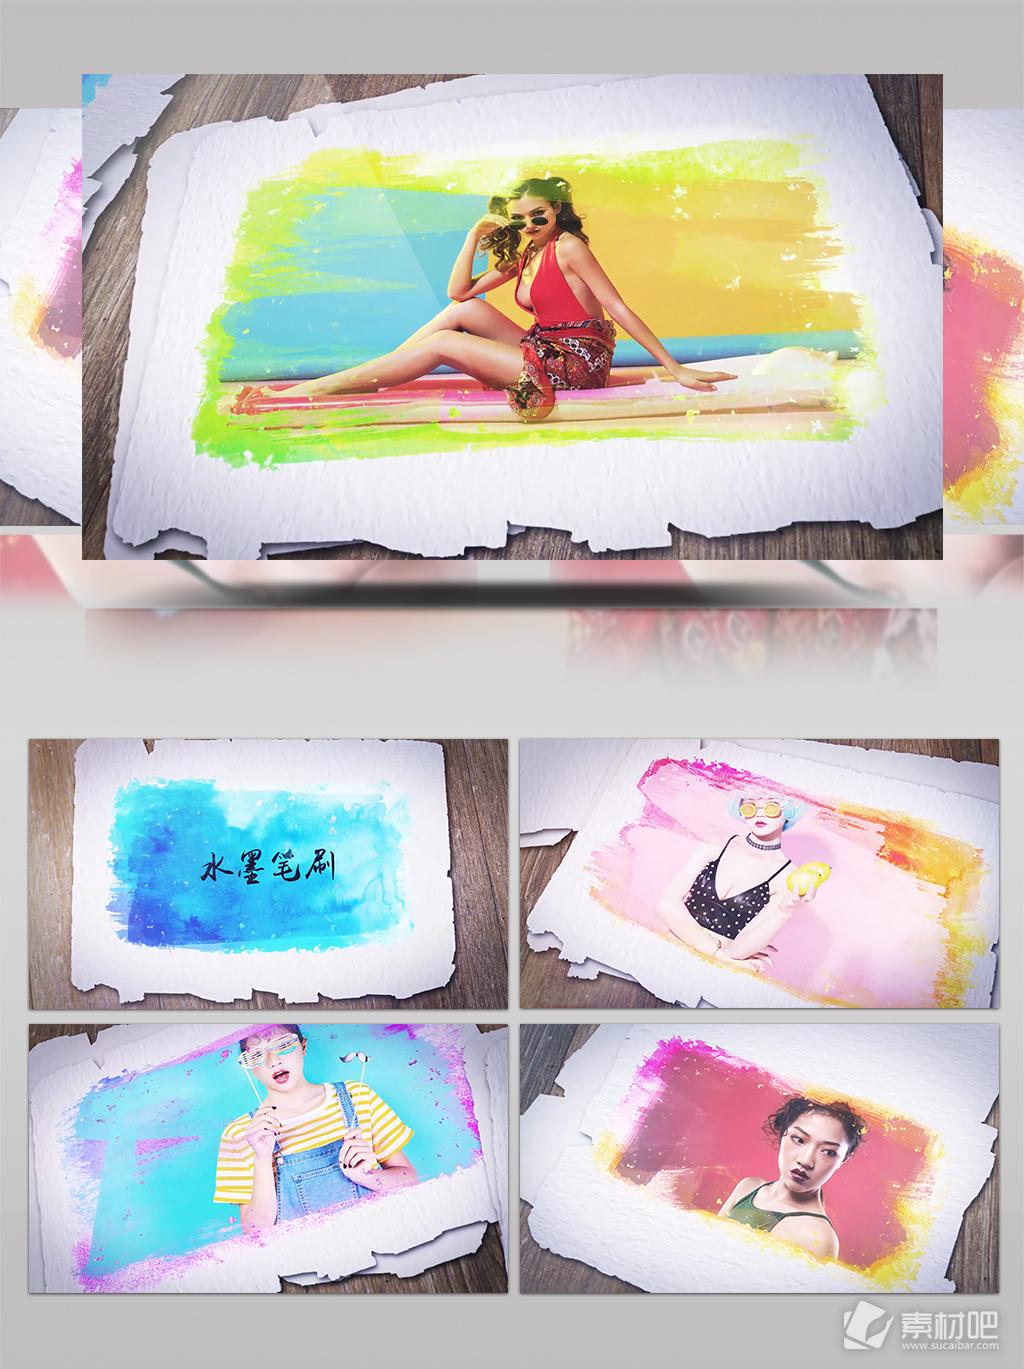 水彩风格时尚大气的娱乐写真宣传AE模板